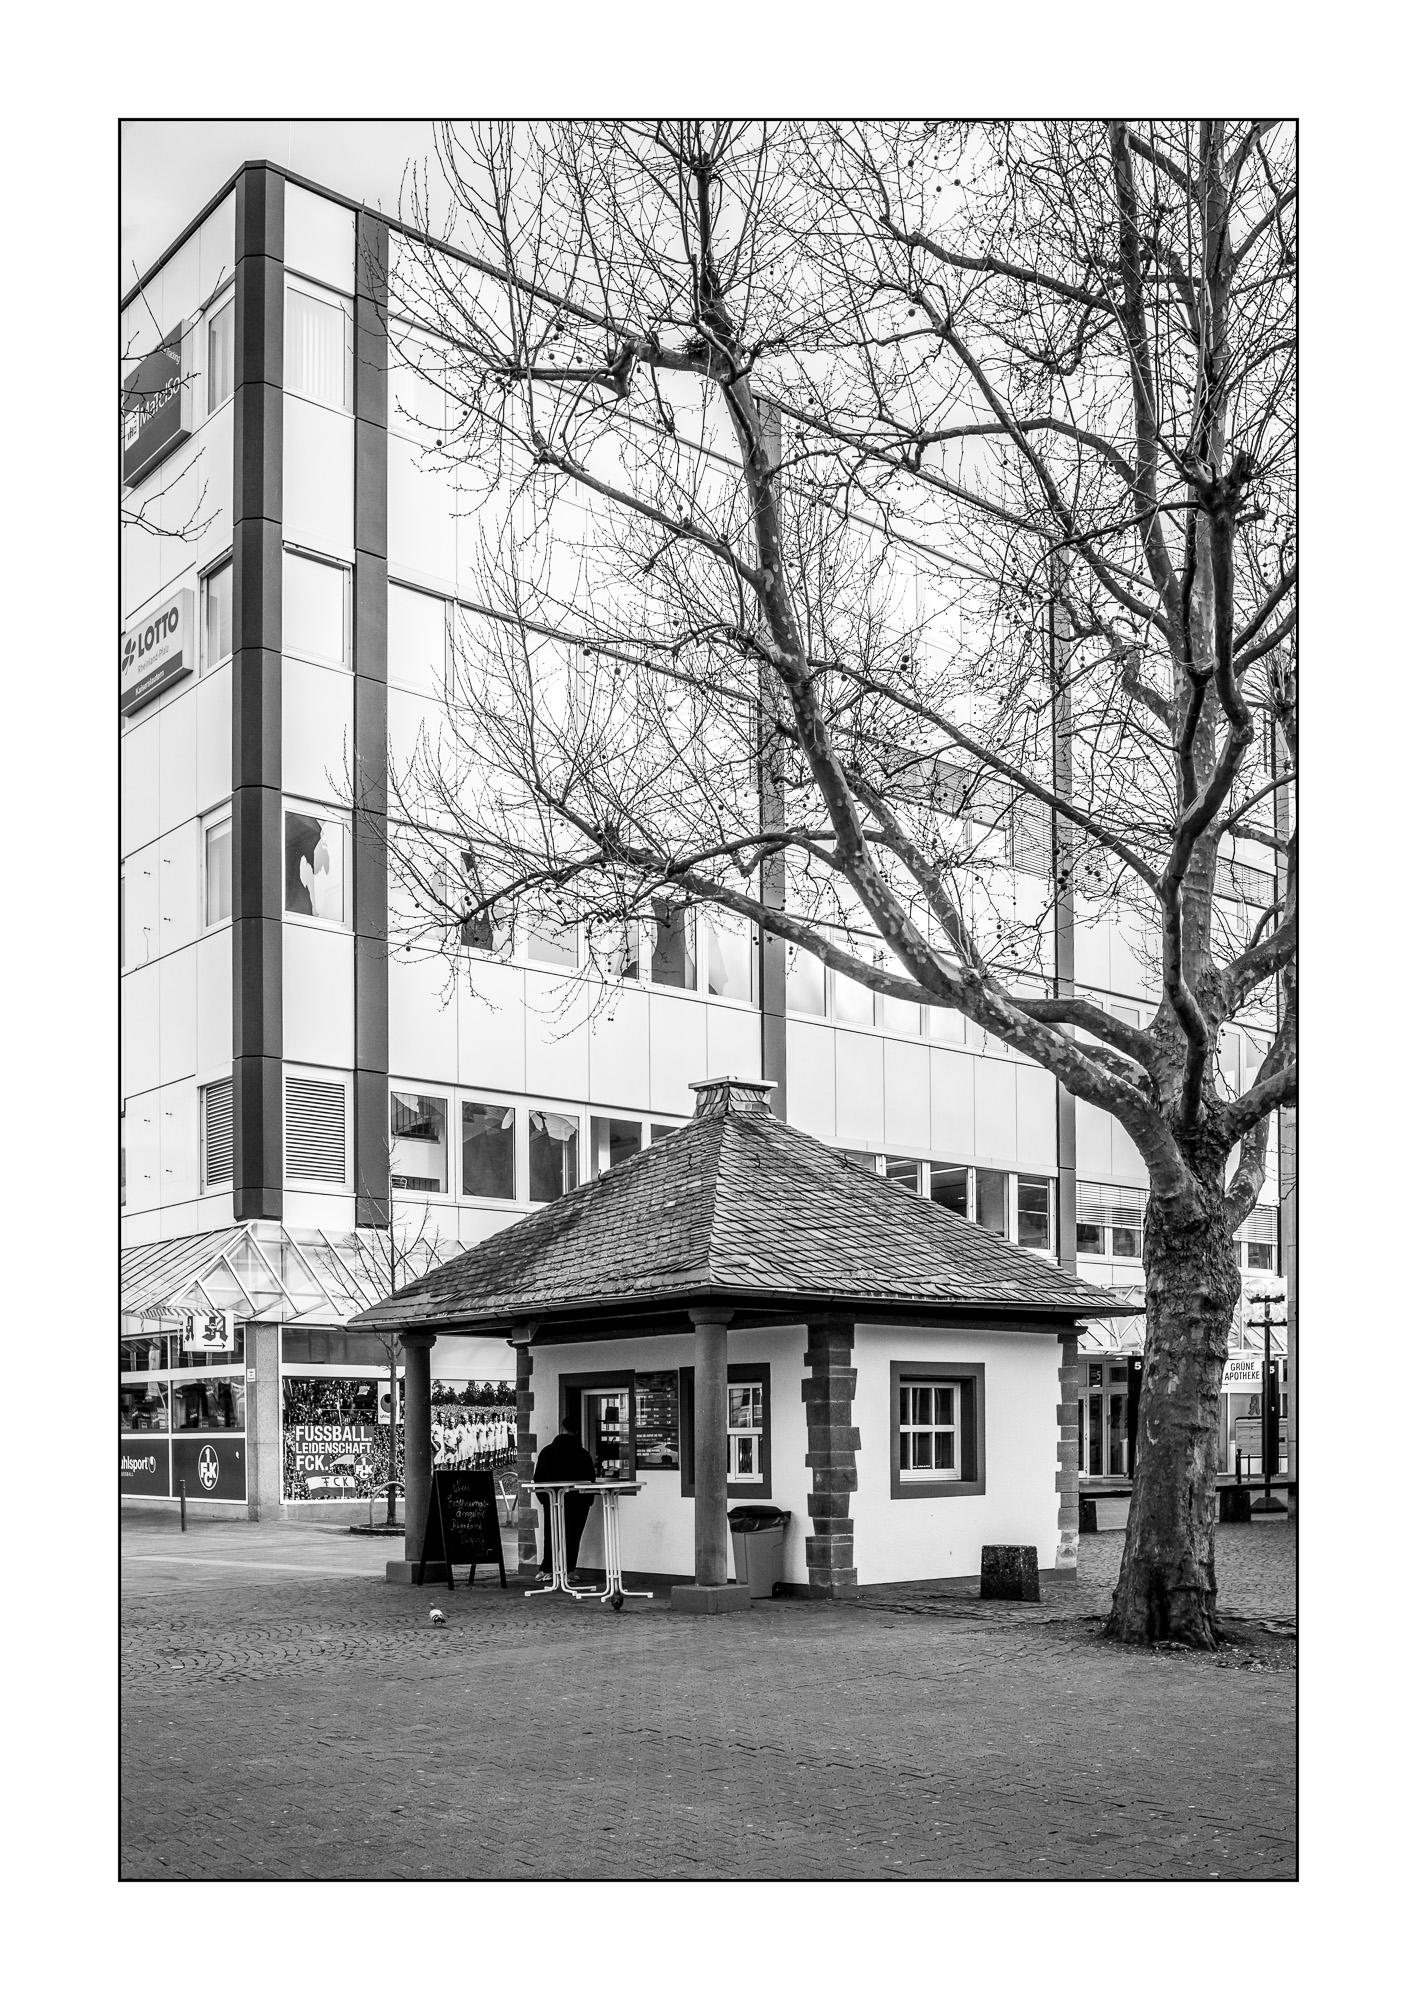 Kiosk Stiftsplatz, Kaiserslautern